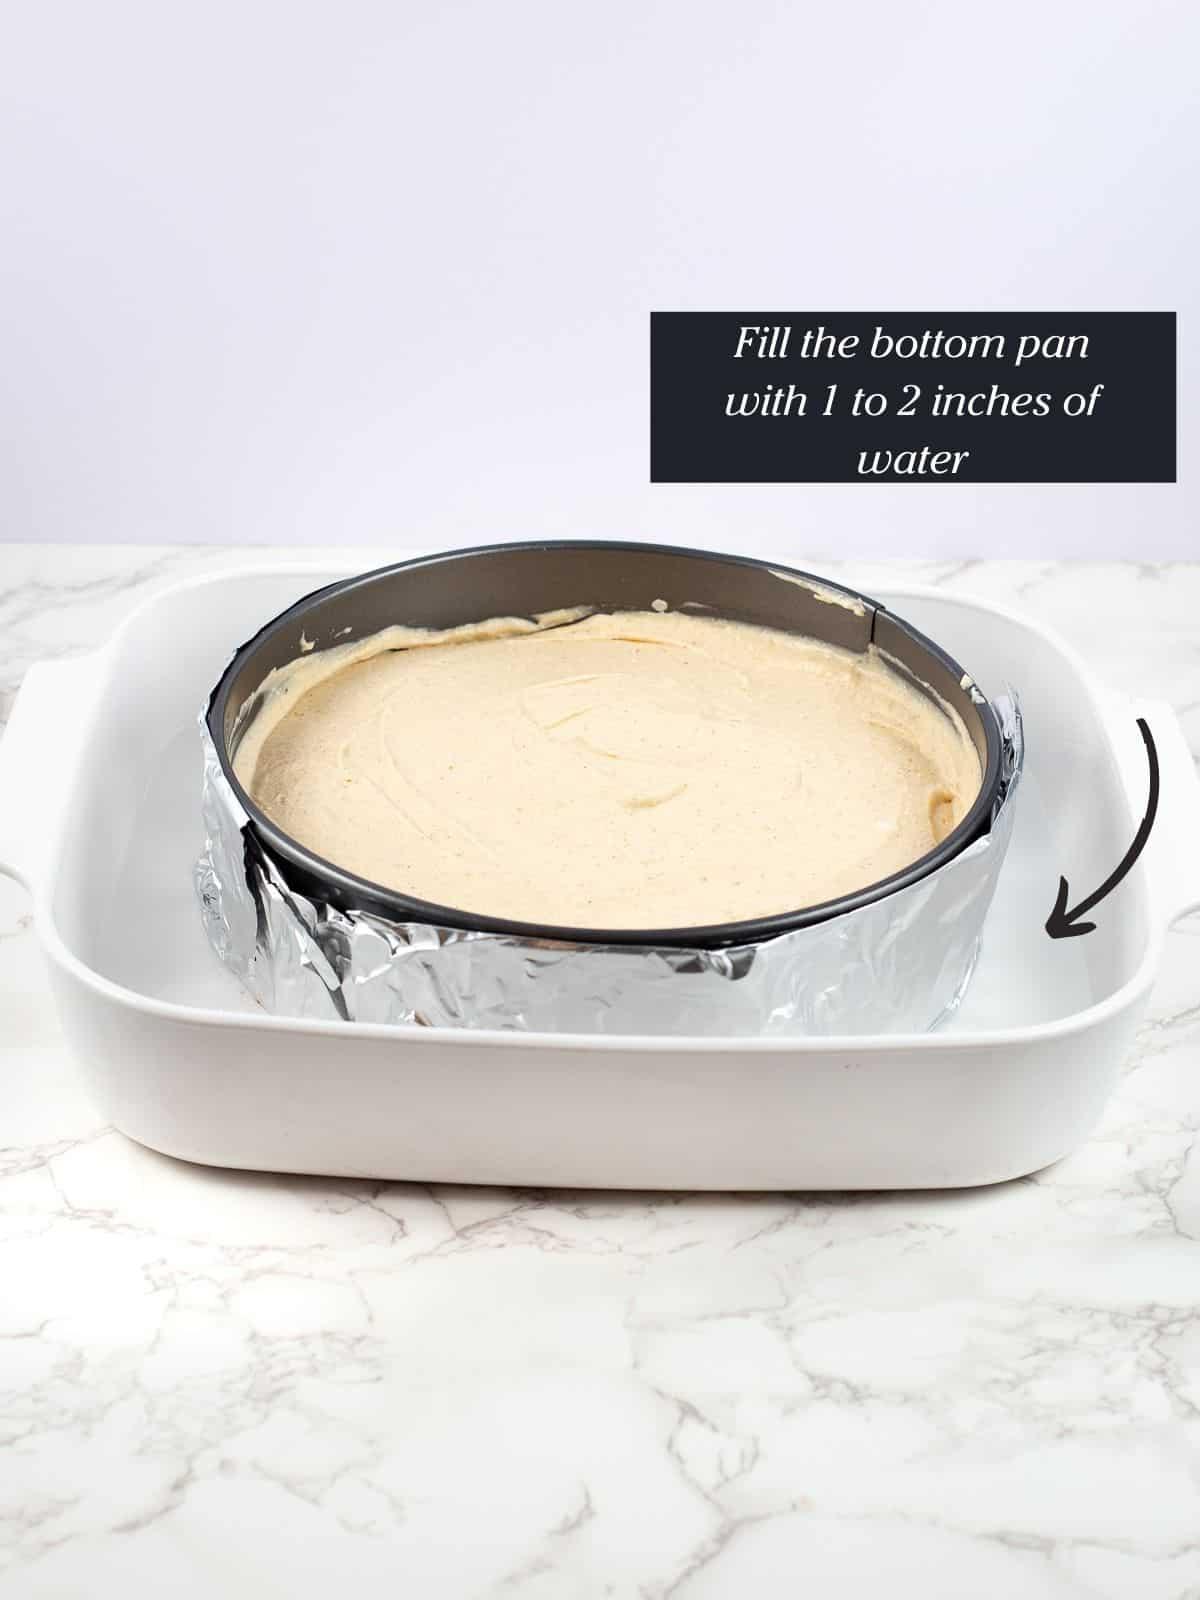 creamy pumpkin vegan cheesecake in pan before it is baked